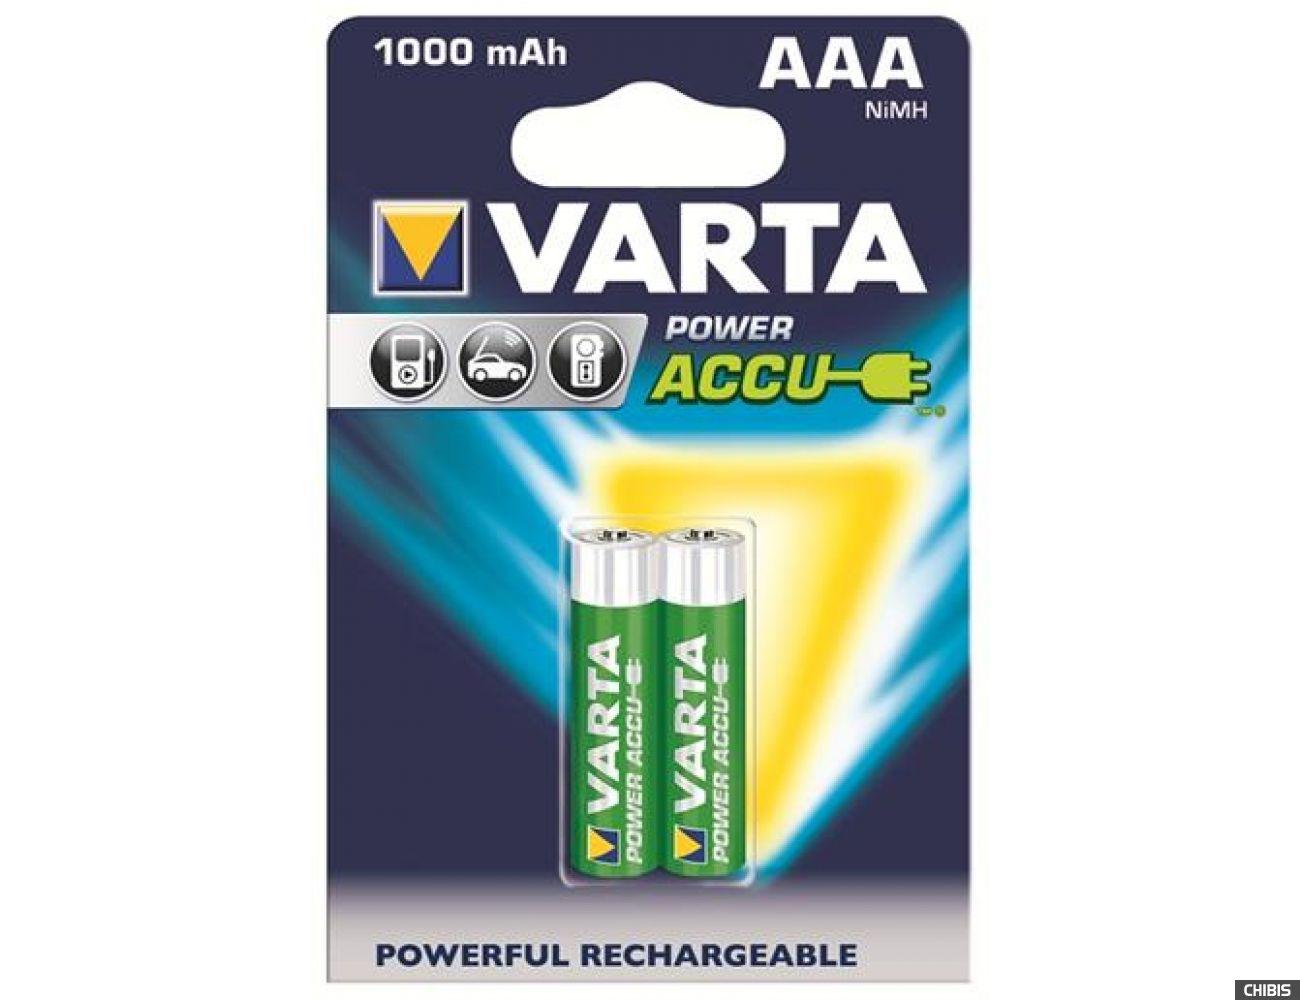 Аккумуляторные батарейки ААА Varta 1000 mAh Power 2/2 56763101402